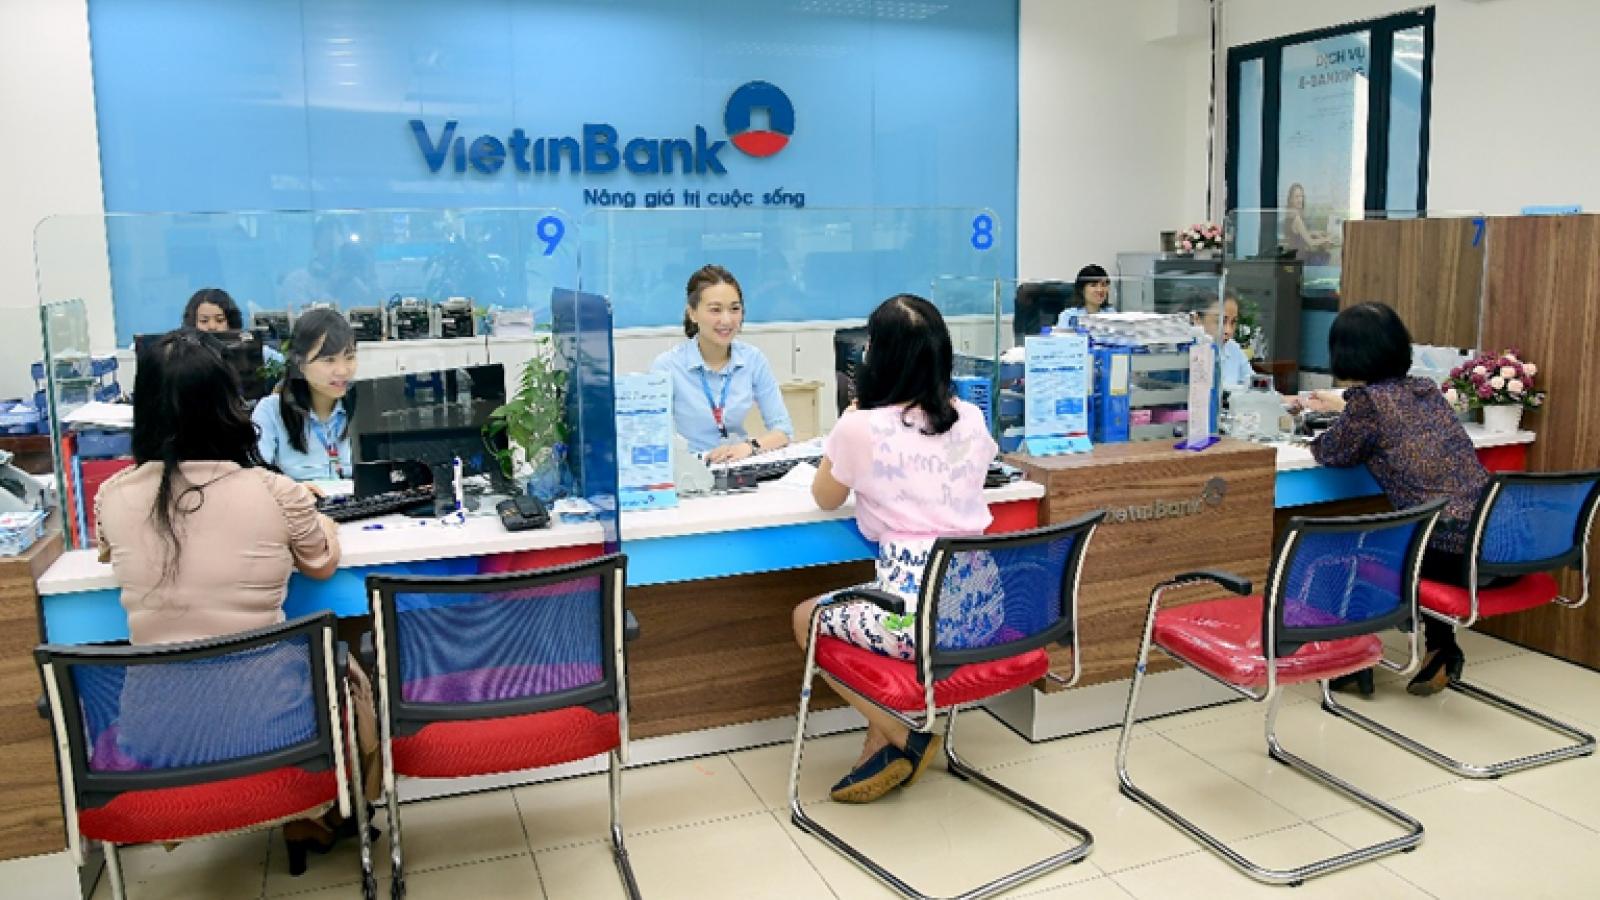 VietinBank mua lại trước hạn toàn bộ nợ xấu từ VAMC